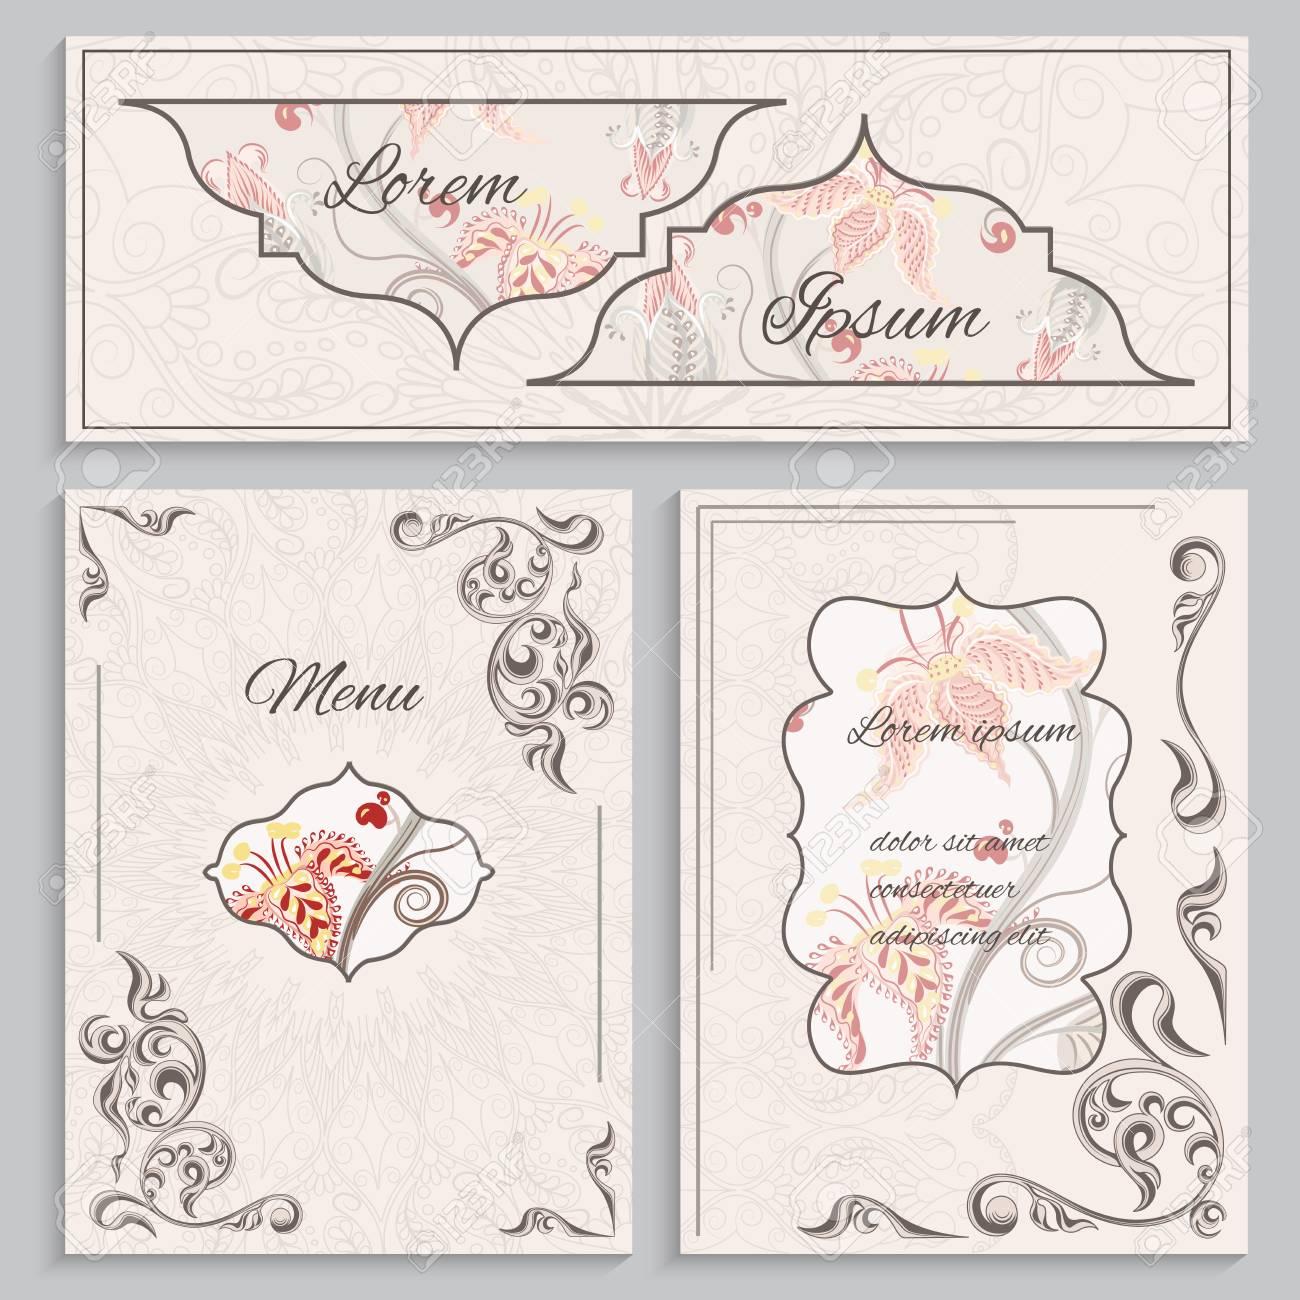 Establecer Menú Cosecha De Flores Ornamento Tarjetas E Invitaciones Menú Con Un Patrón En El Estilo Victoriano Se Puede Utilizar Para Imprimir El